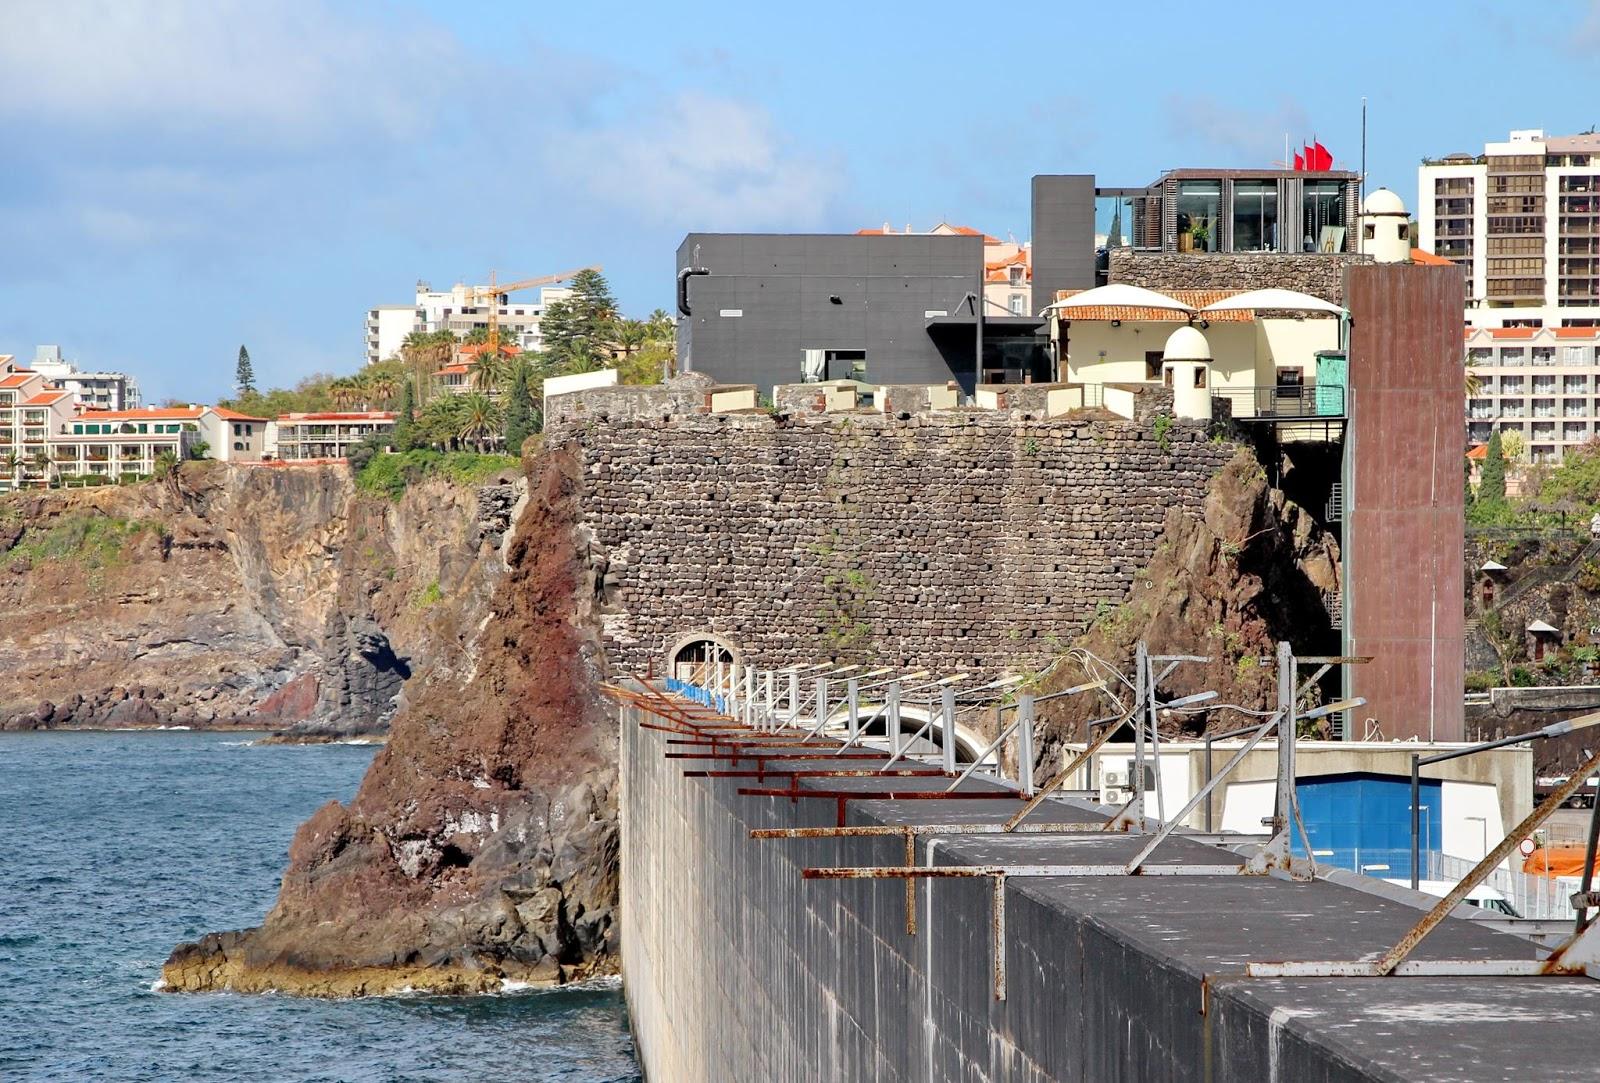 as costas do Porto do Funchal